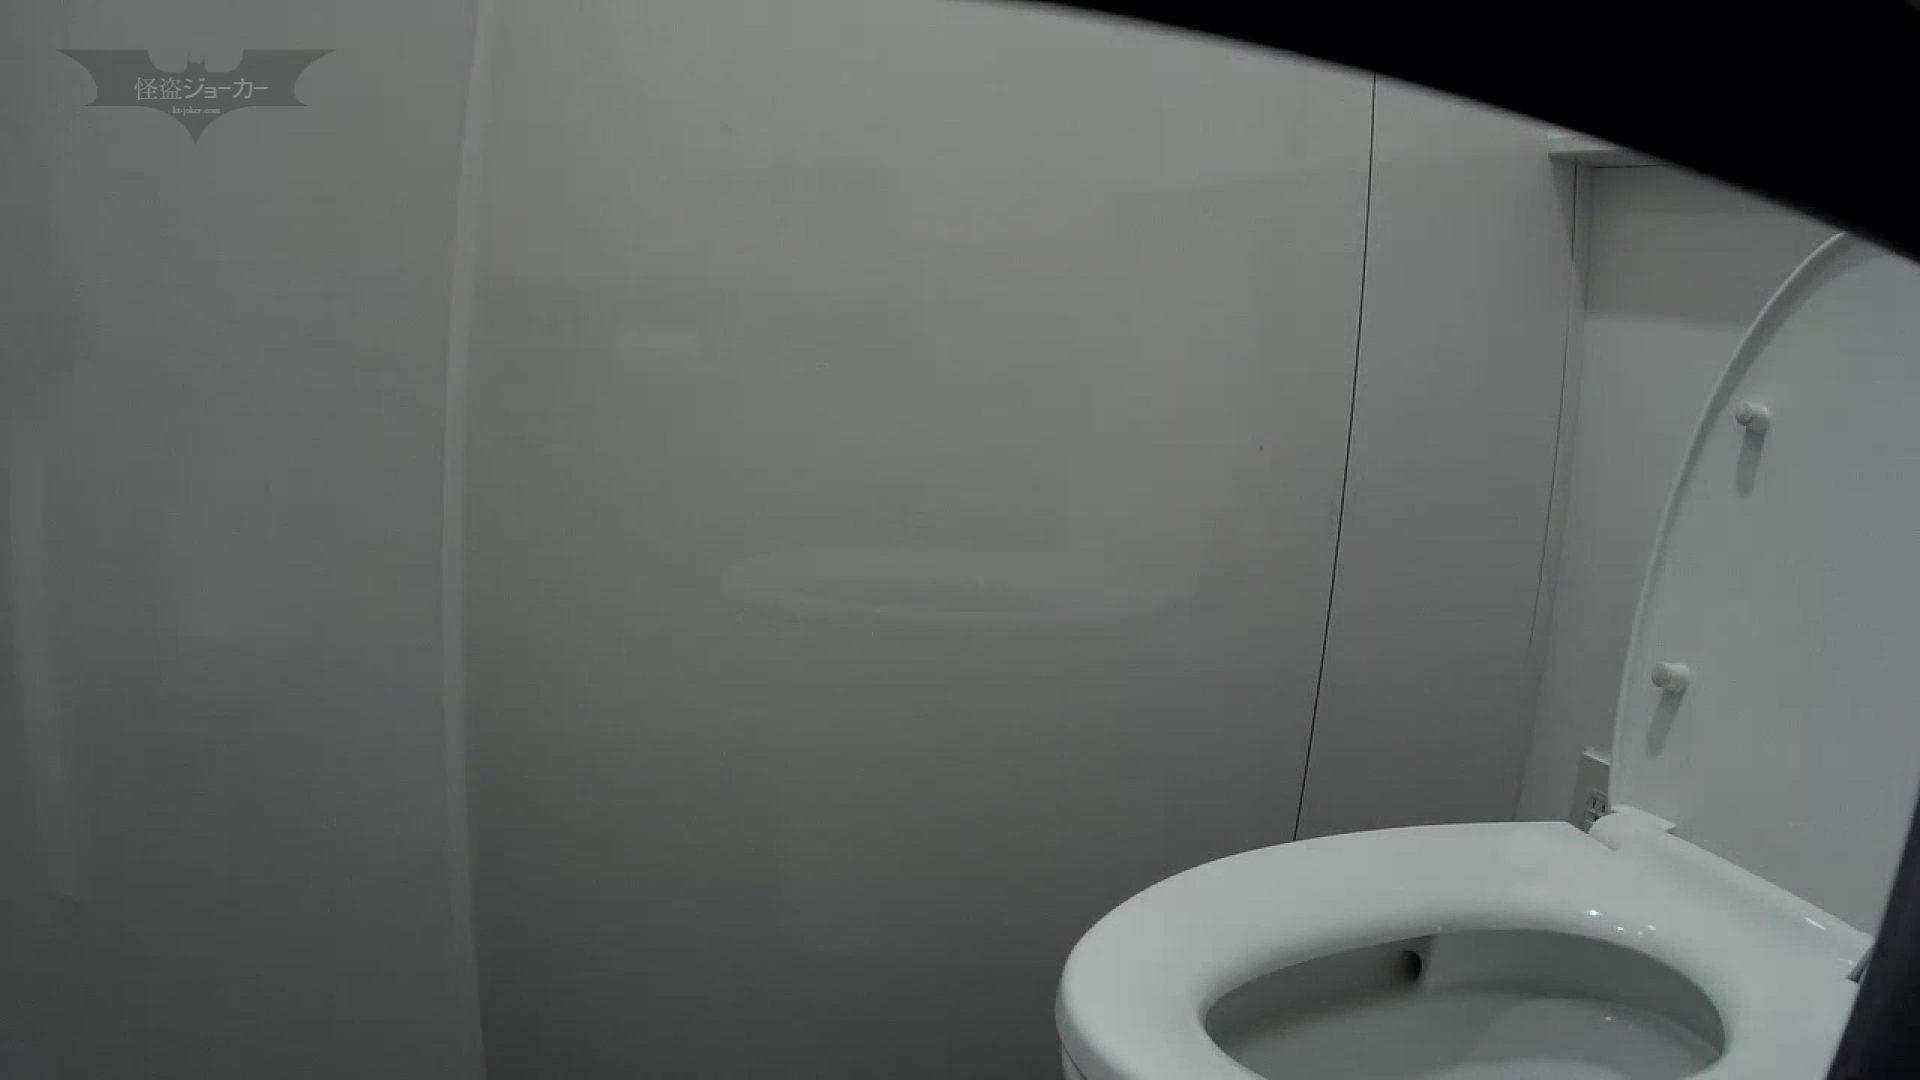 有名大学女性洗面所 vol.57 S級美女マルチアングル撮り!! 洗面所 ワレメ動画紹介 88PIX 74